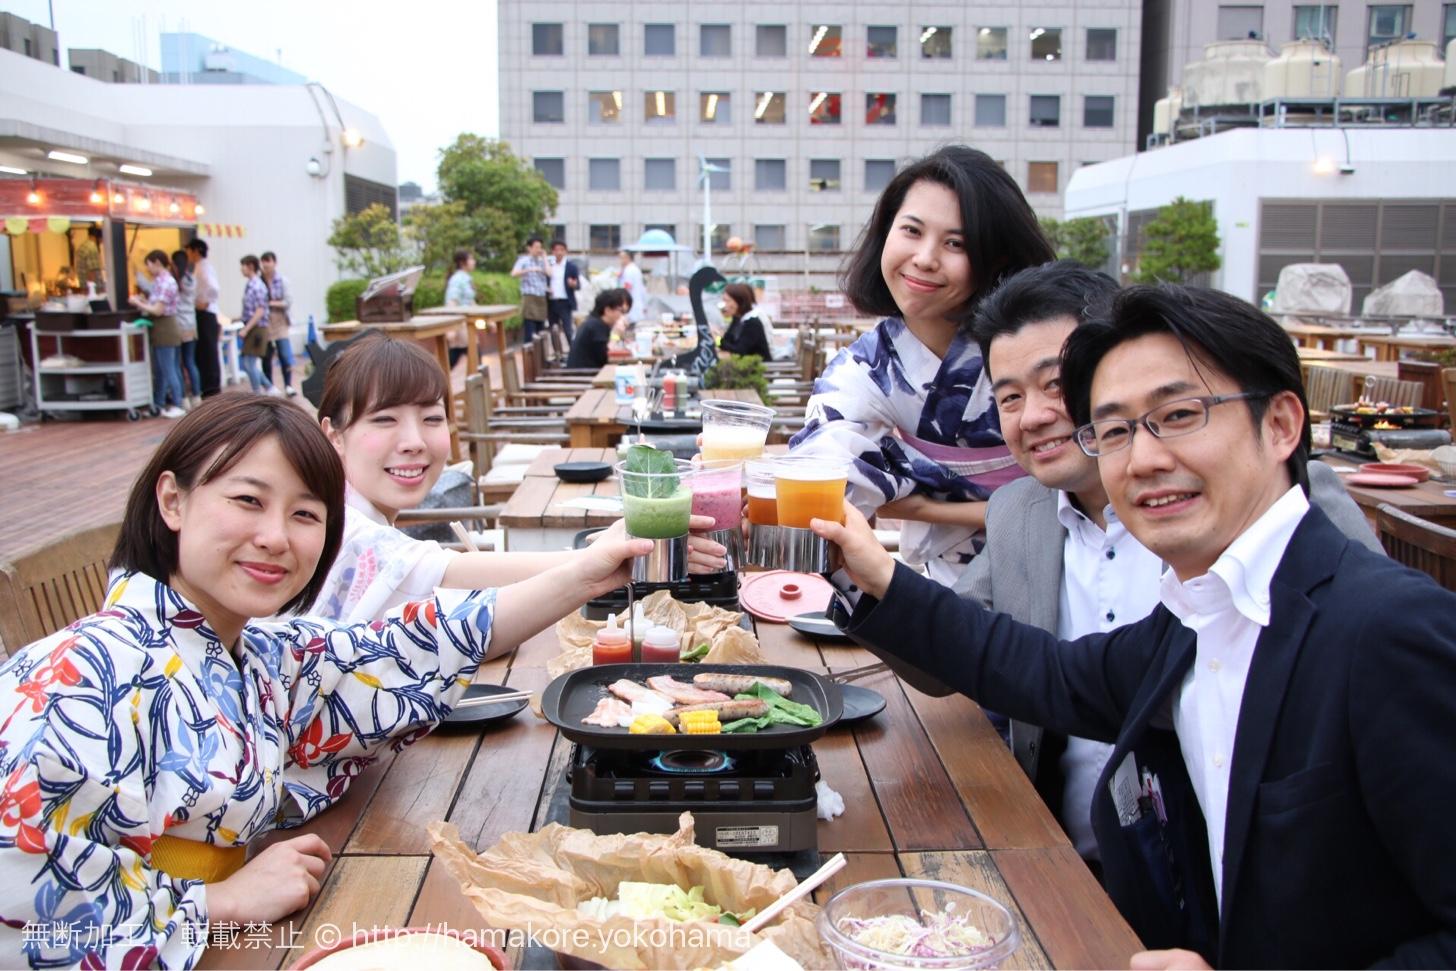 2017年 横浜タカシマヤ屋上「ファーマーズビアガーデン」がオープン!安心・安全の野菜が充実